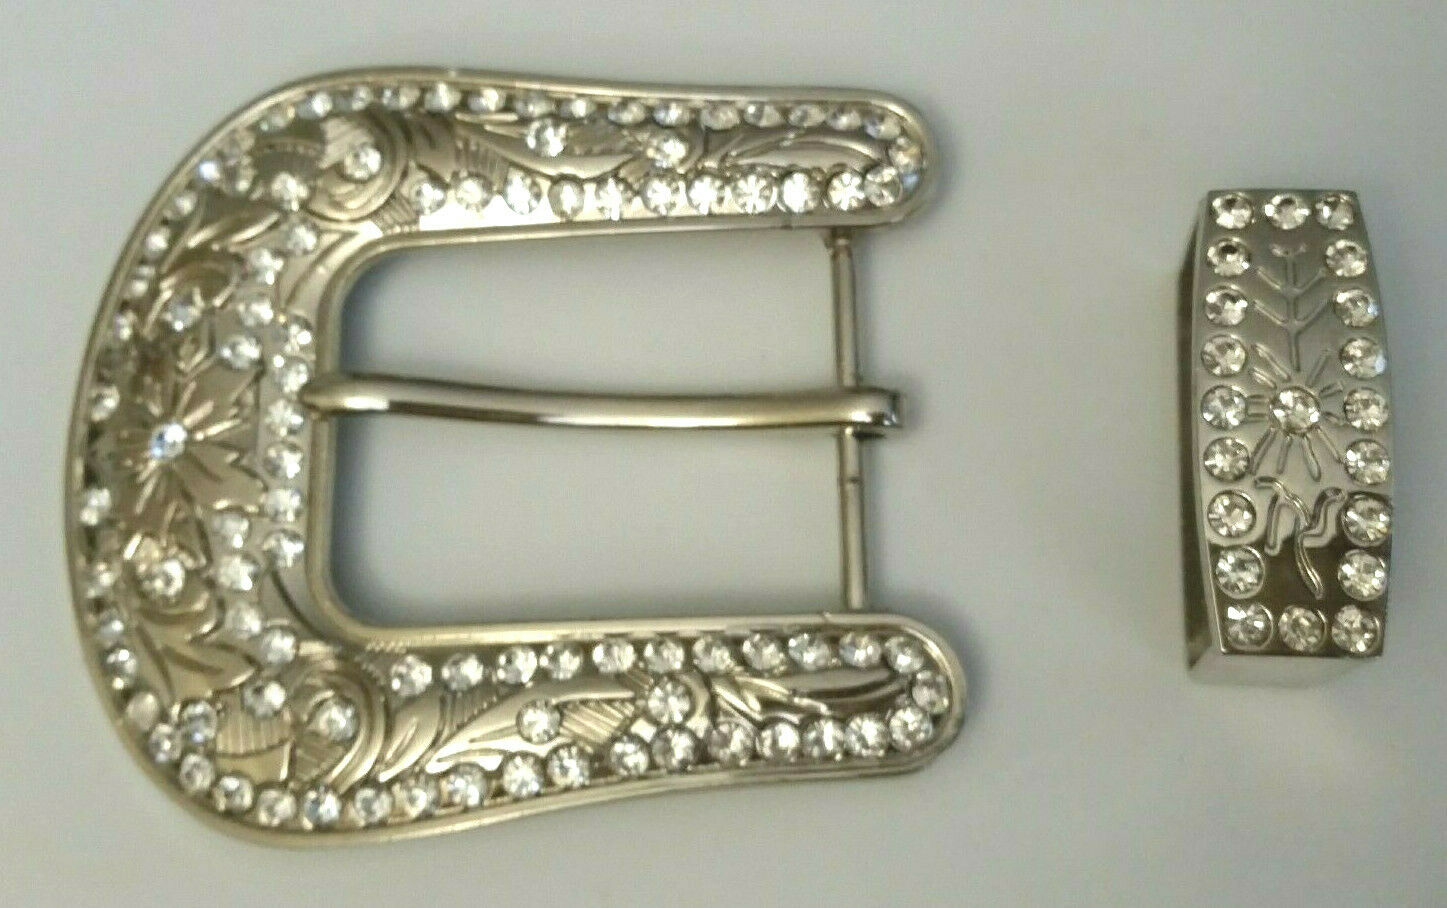 2pc Rhinestone belt buckle, Western Cowgirl Cowboy 3 1/3 x 3 1/8 Silver nickel